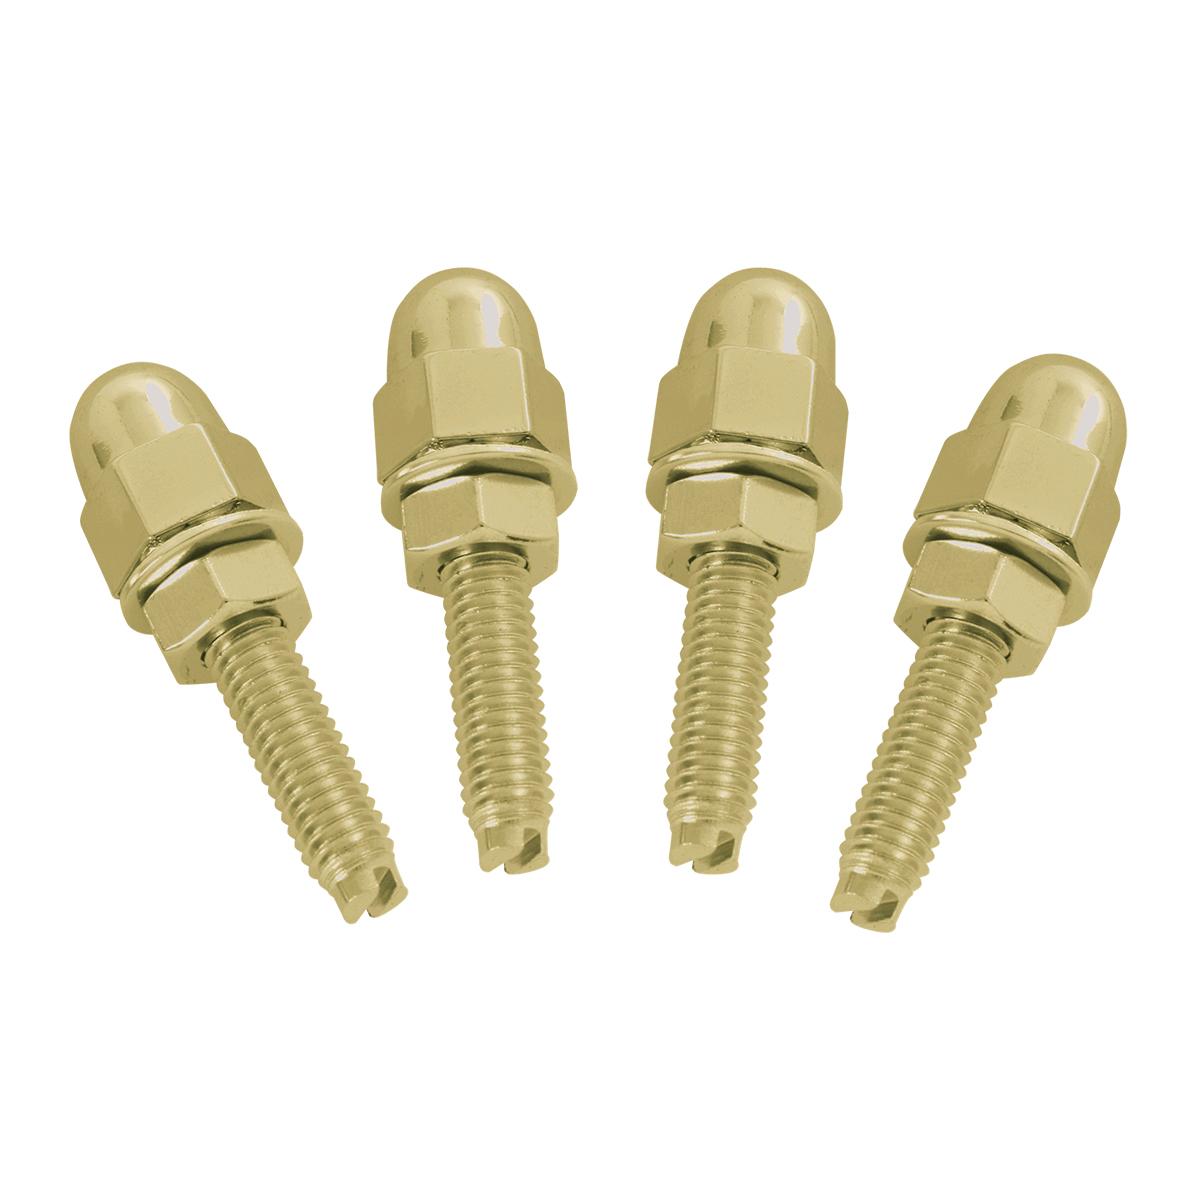 Gold Color Acorn Fastener Set